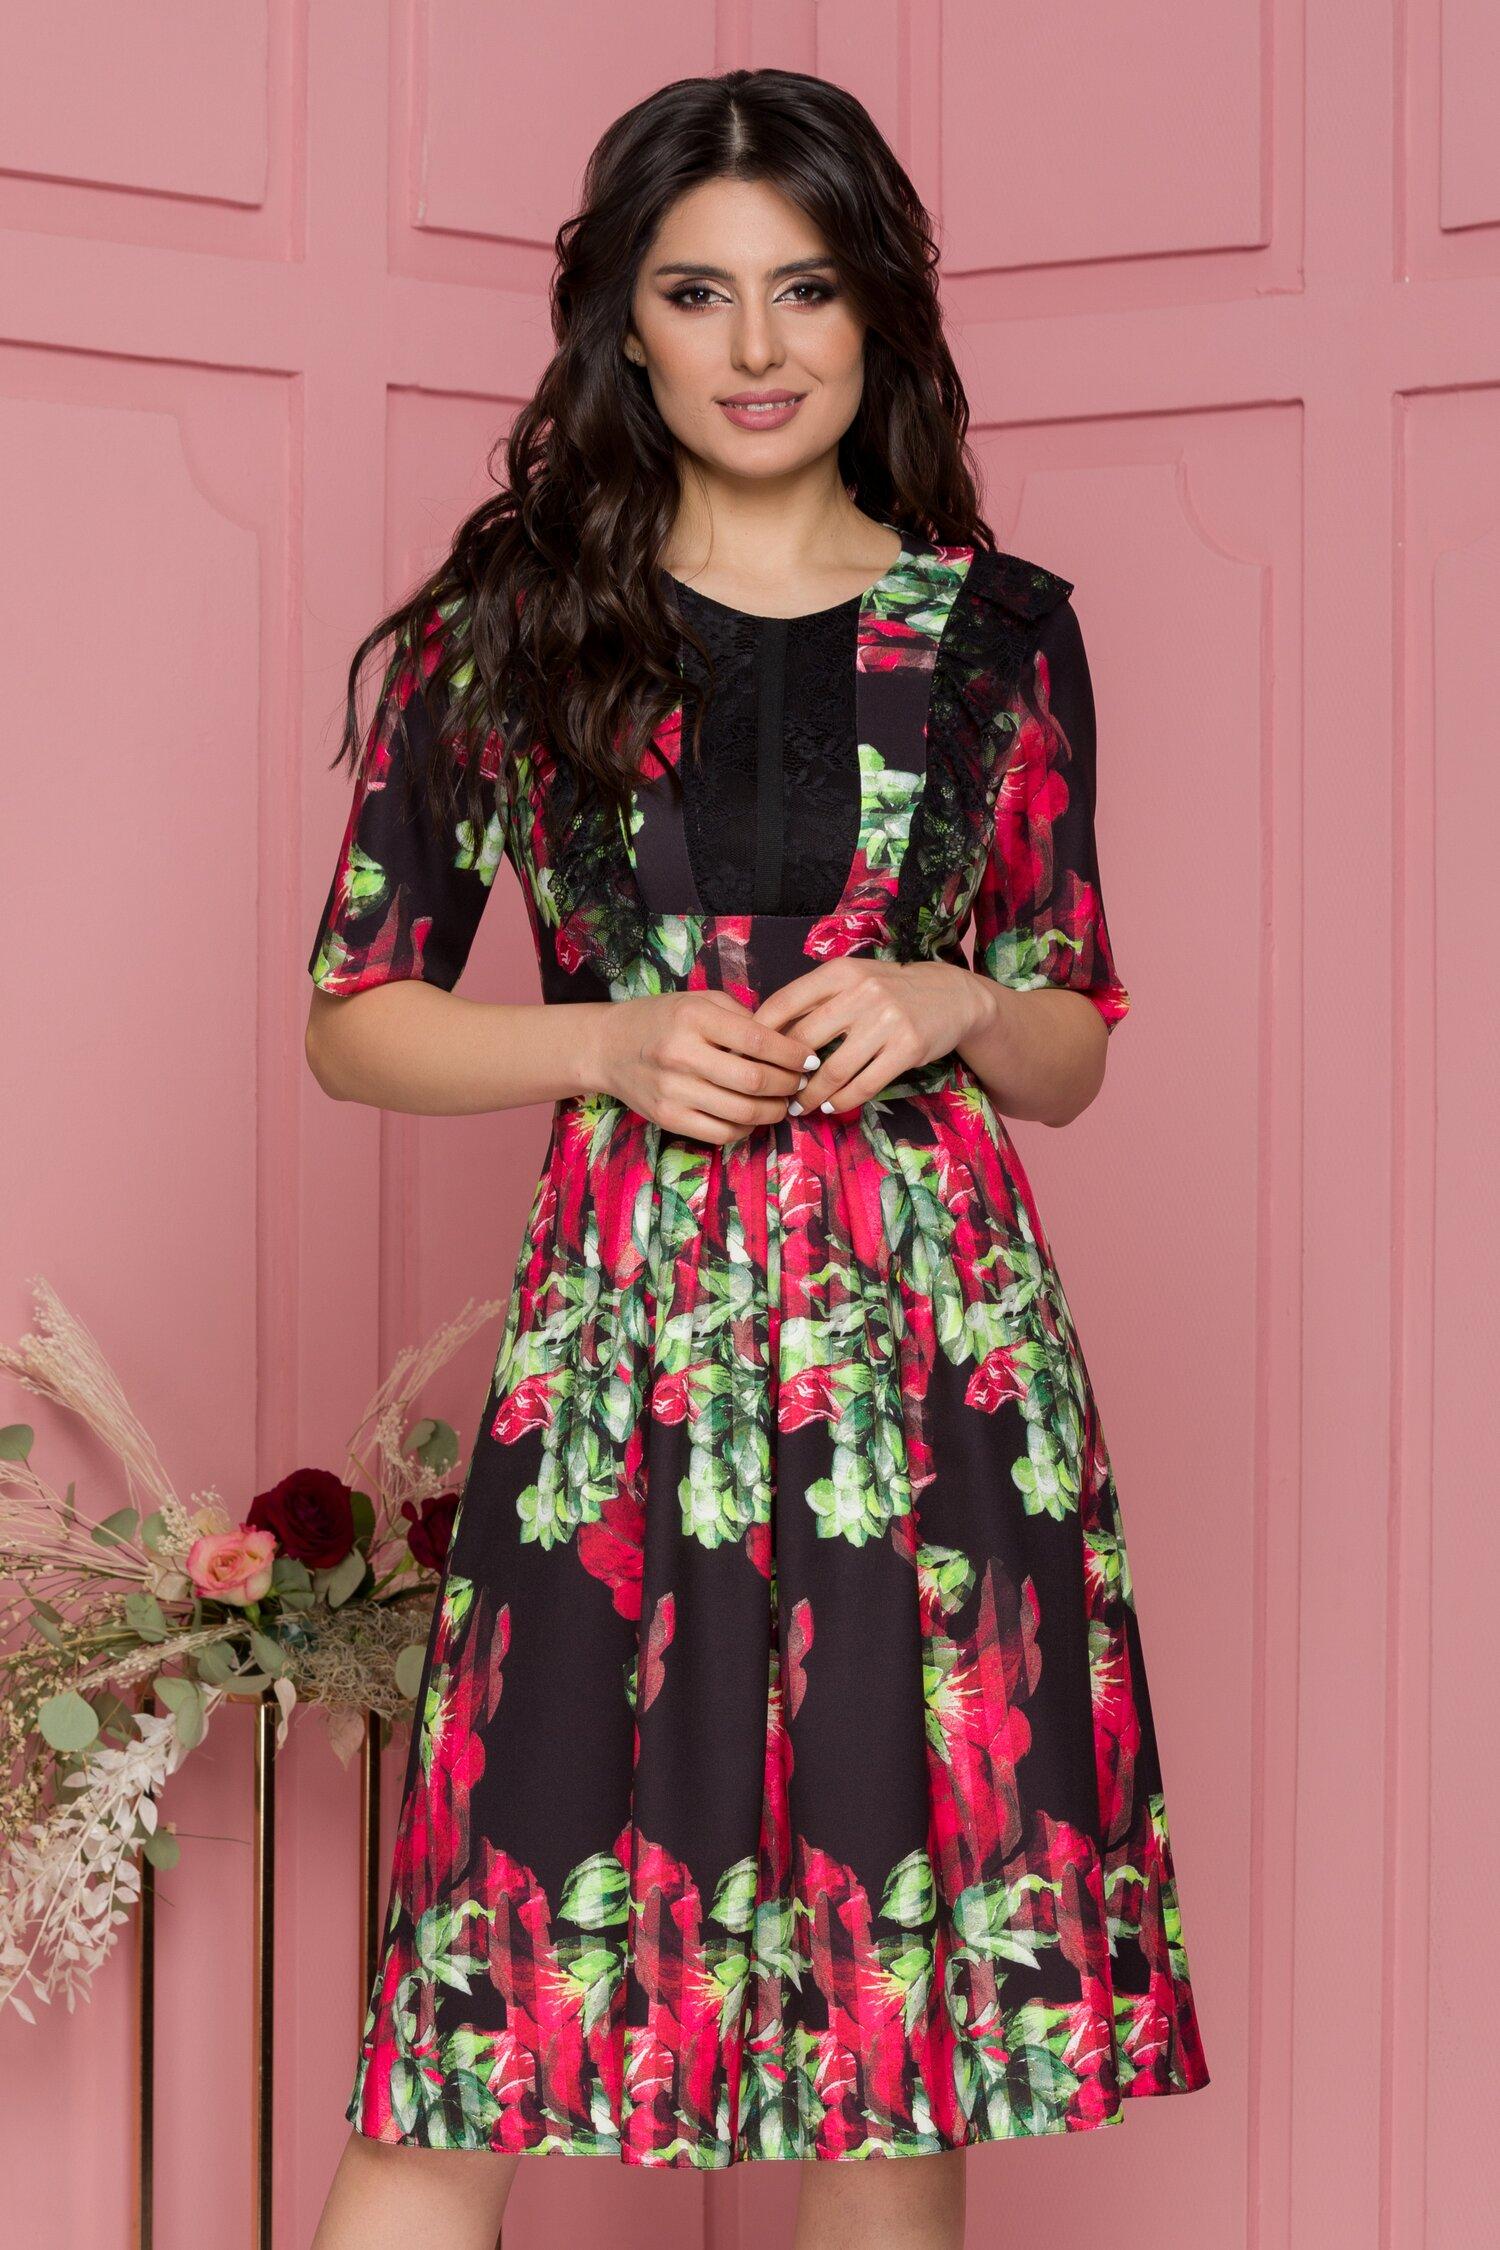 Rochie Moze neagra cu imprimeu floral rosu